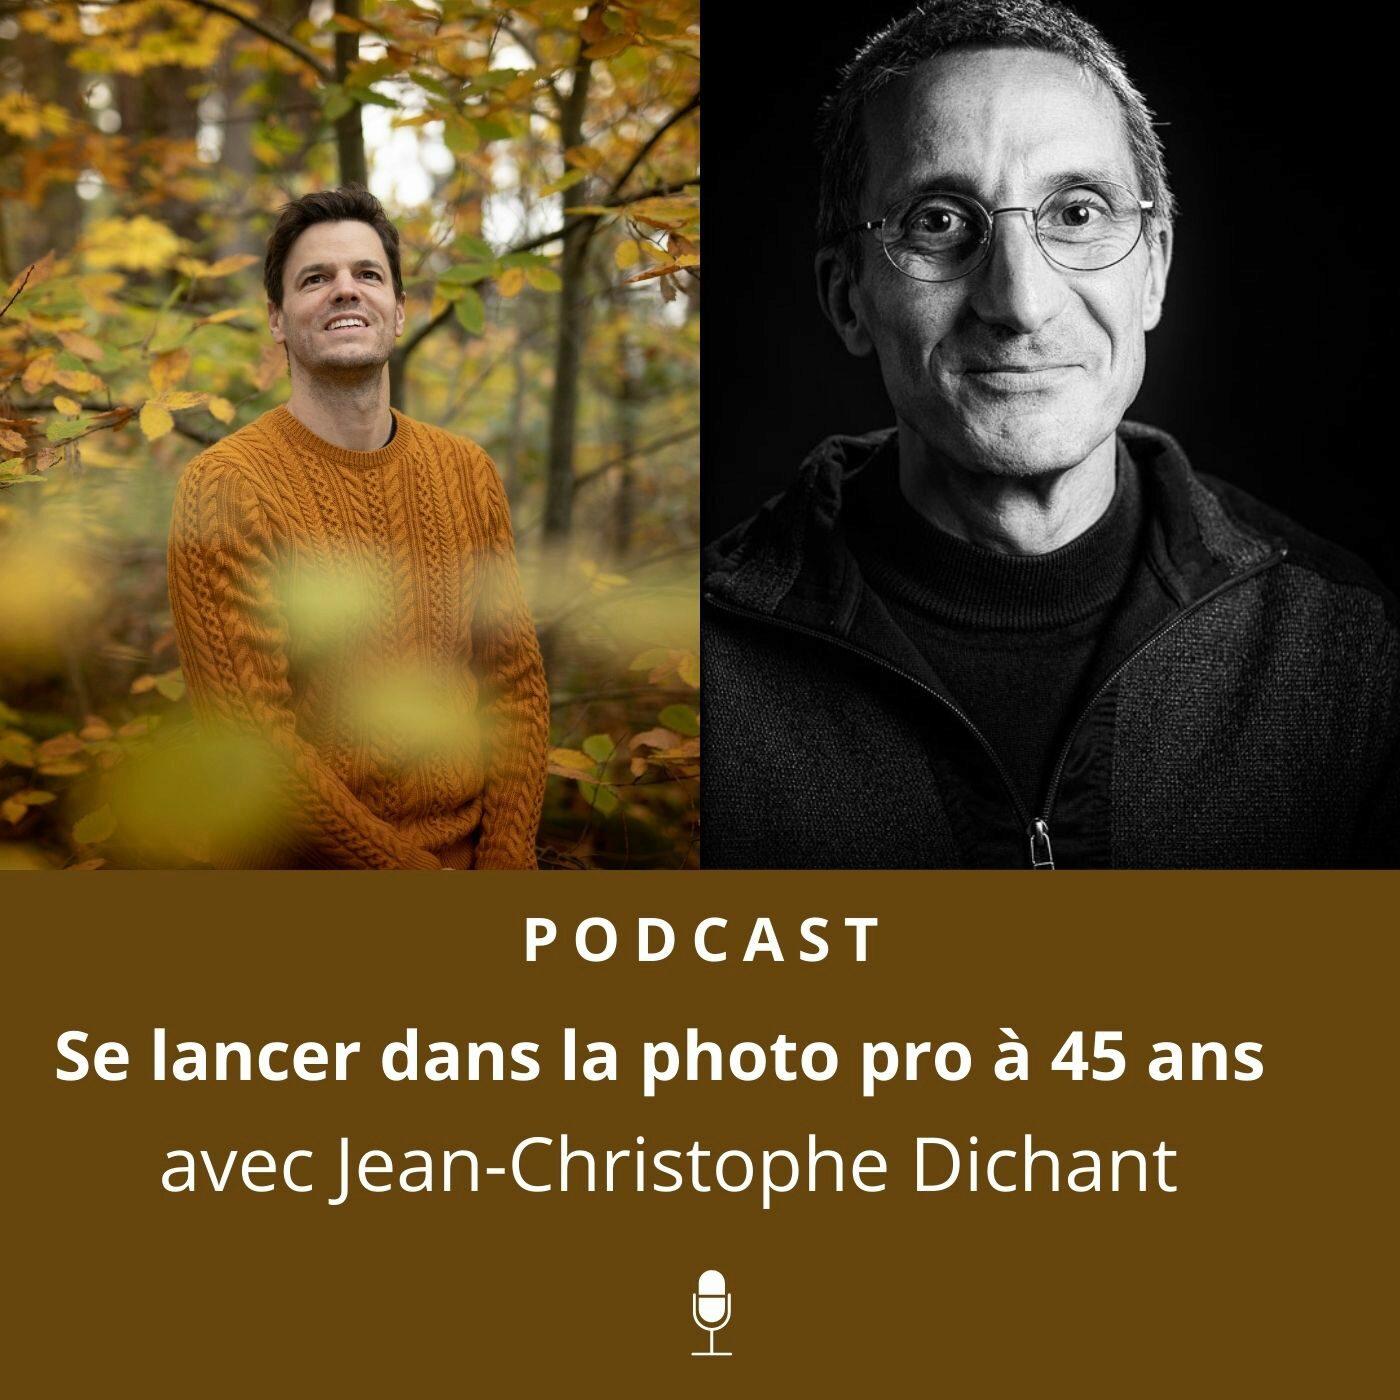 Libre & Photographe #10 | Jean-Christophe Dichant - Se lancer dans la photo pro à 45 ans